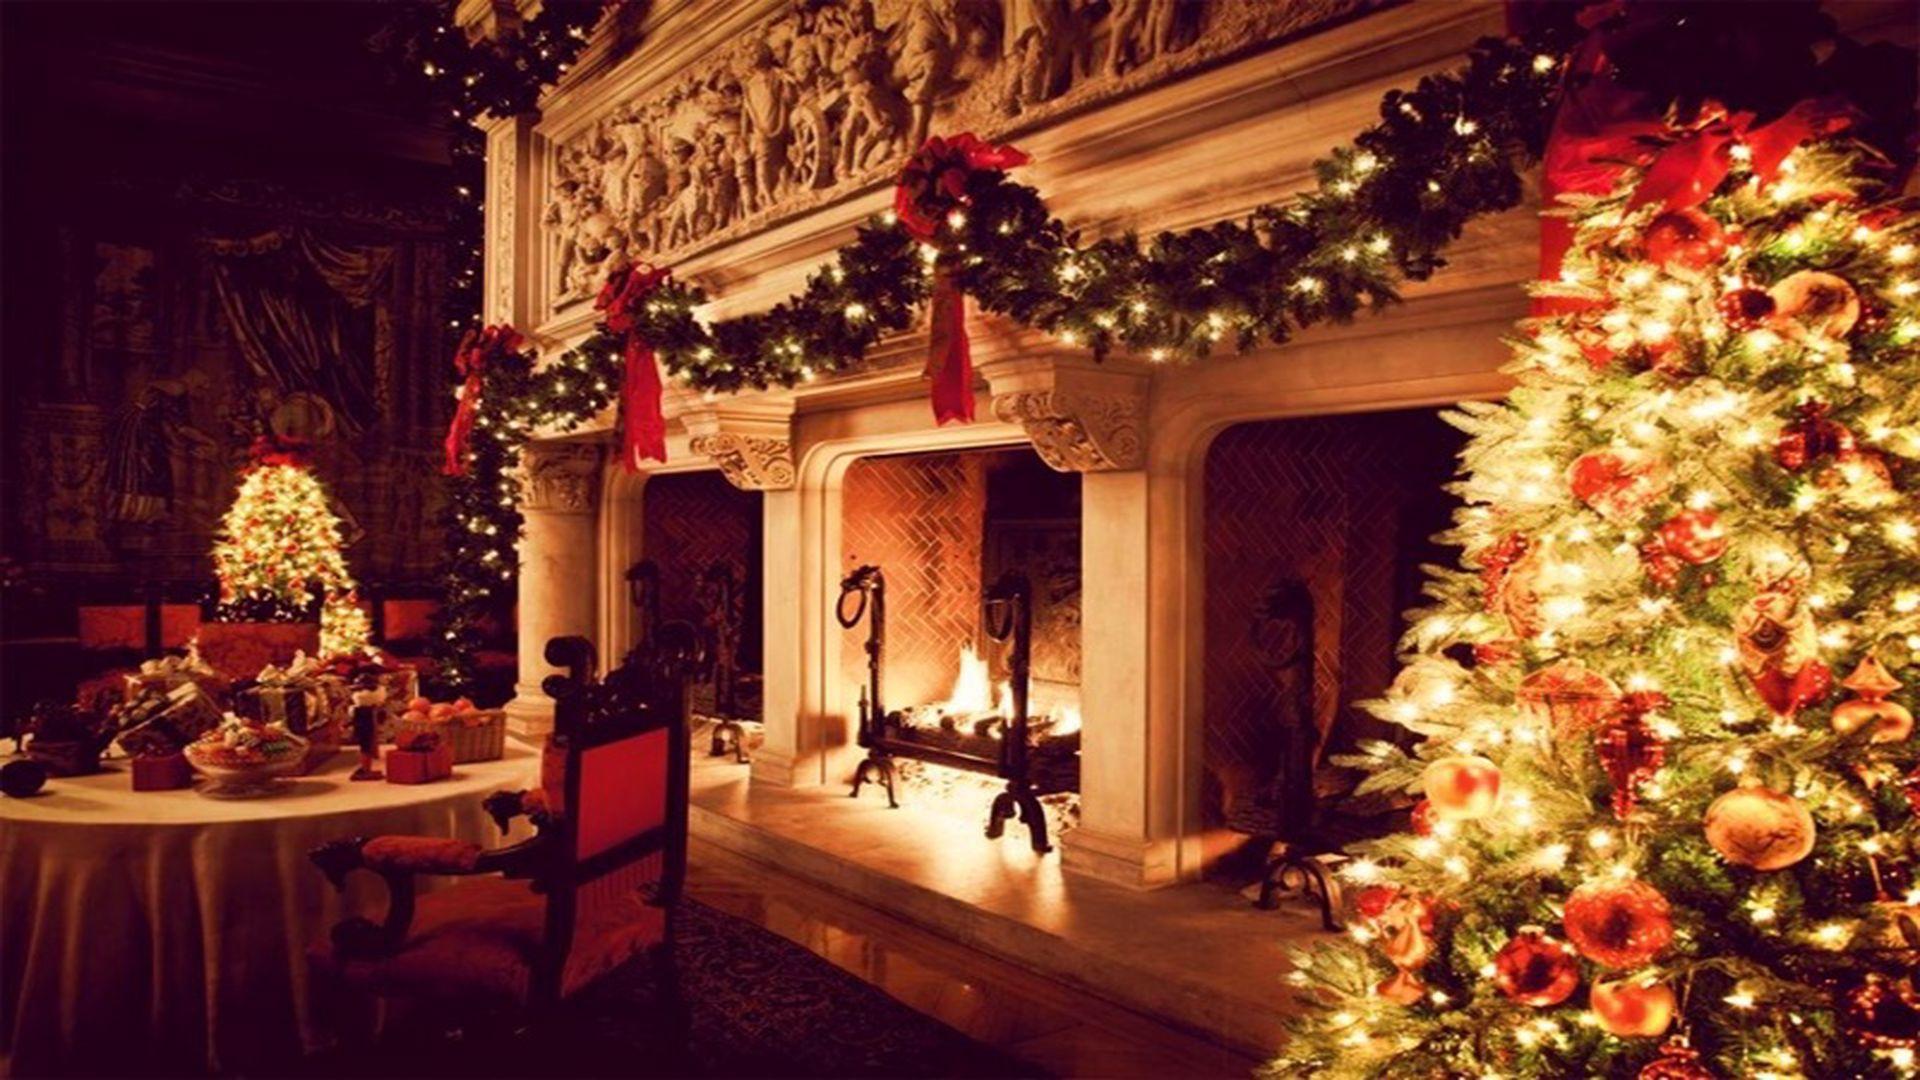 Ce să nu faci pe 26 decembrie, în a doua zi de Crăciun. Fii atent la tot în această zi